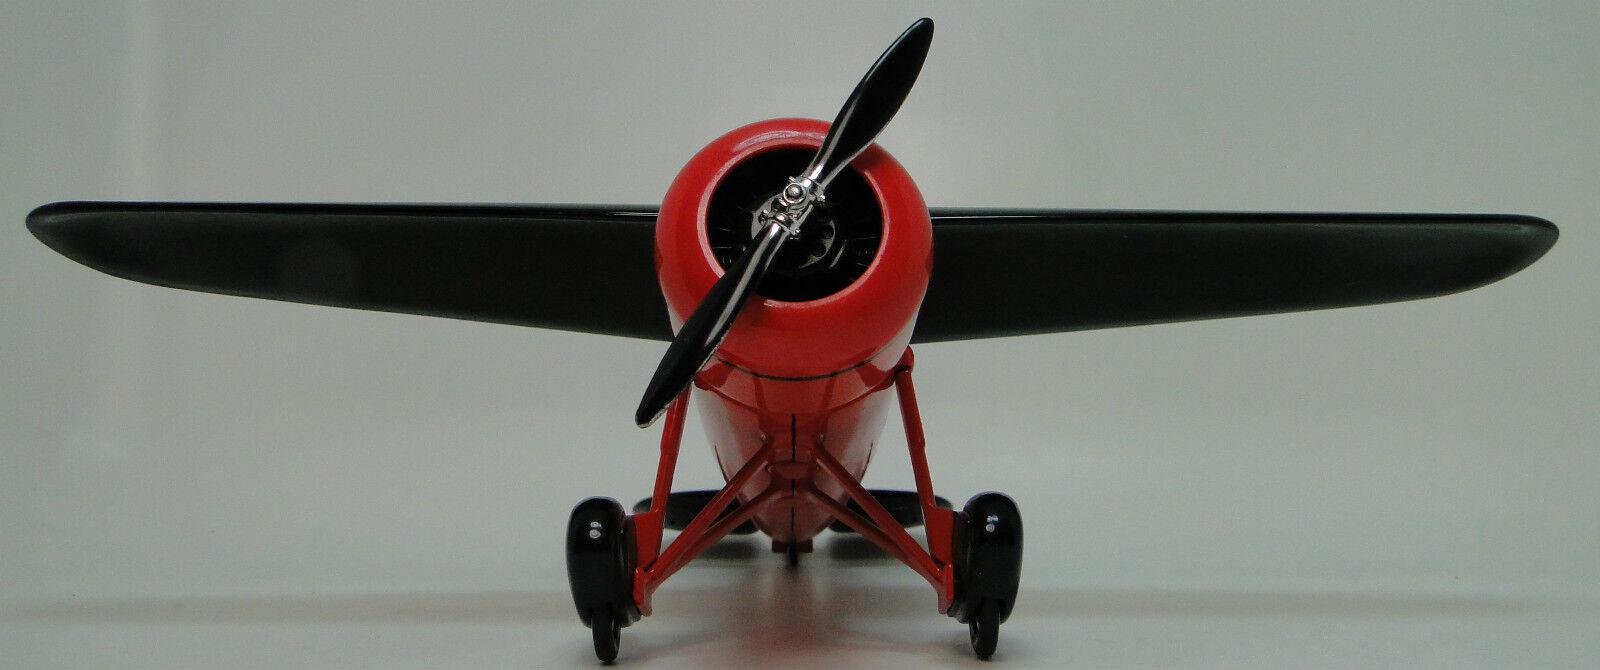 alta calidad Vintage Aviones Avión Modelo Diecast armadura militar Segunda Segunda Segunda Guerra Mundial Cocherusel de 1 48 Negro  venta caliente en línea